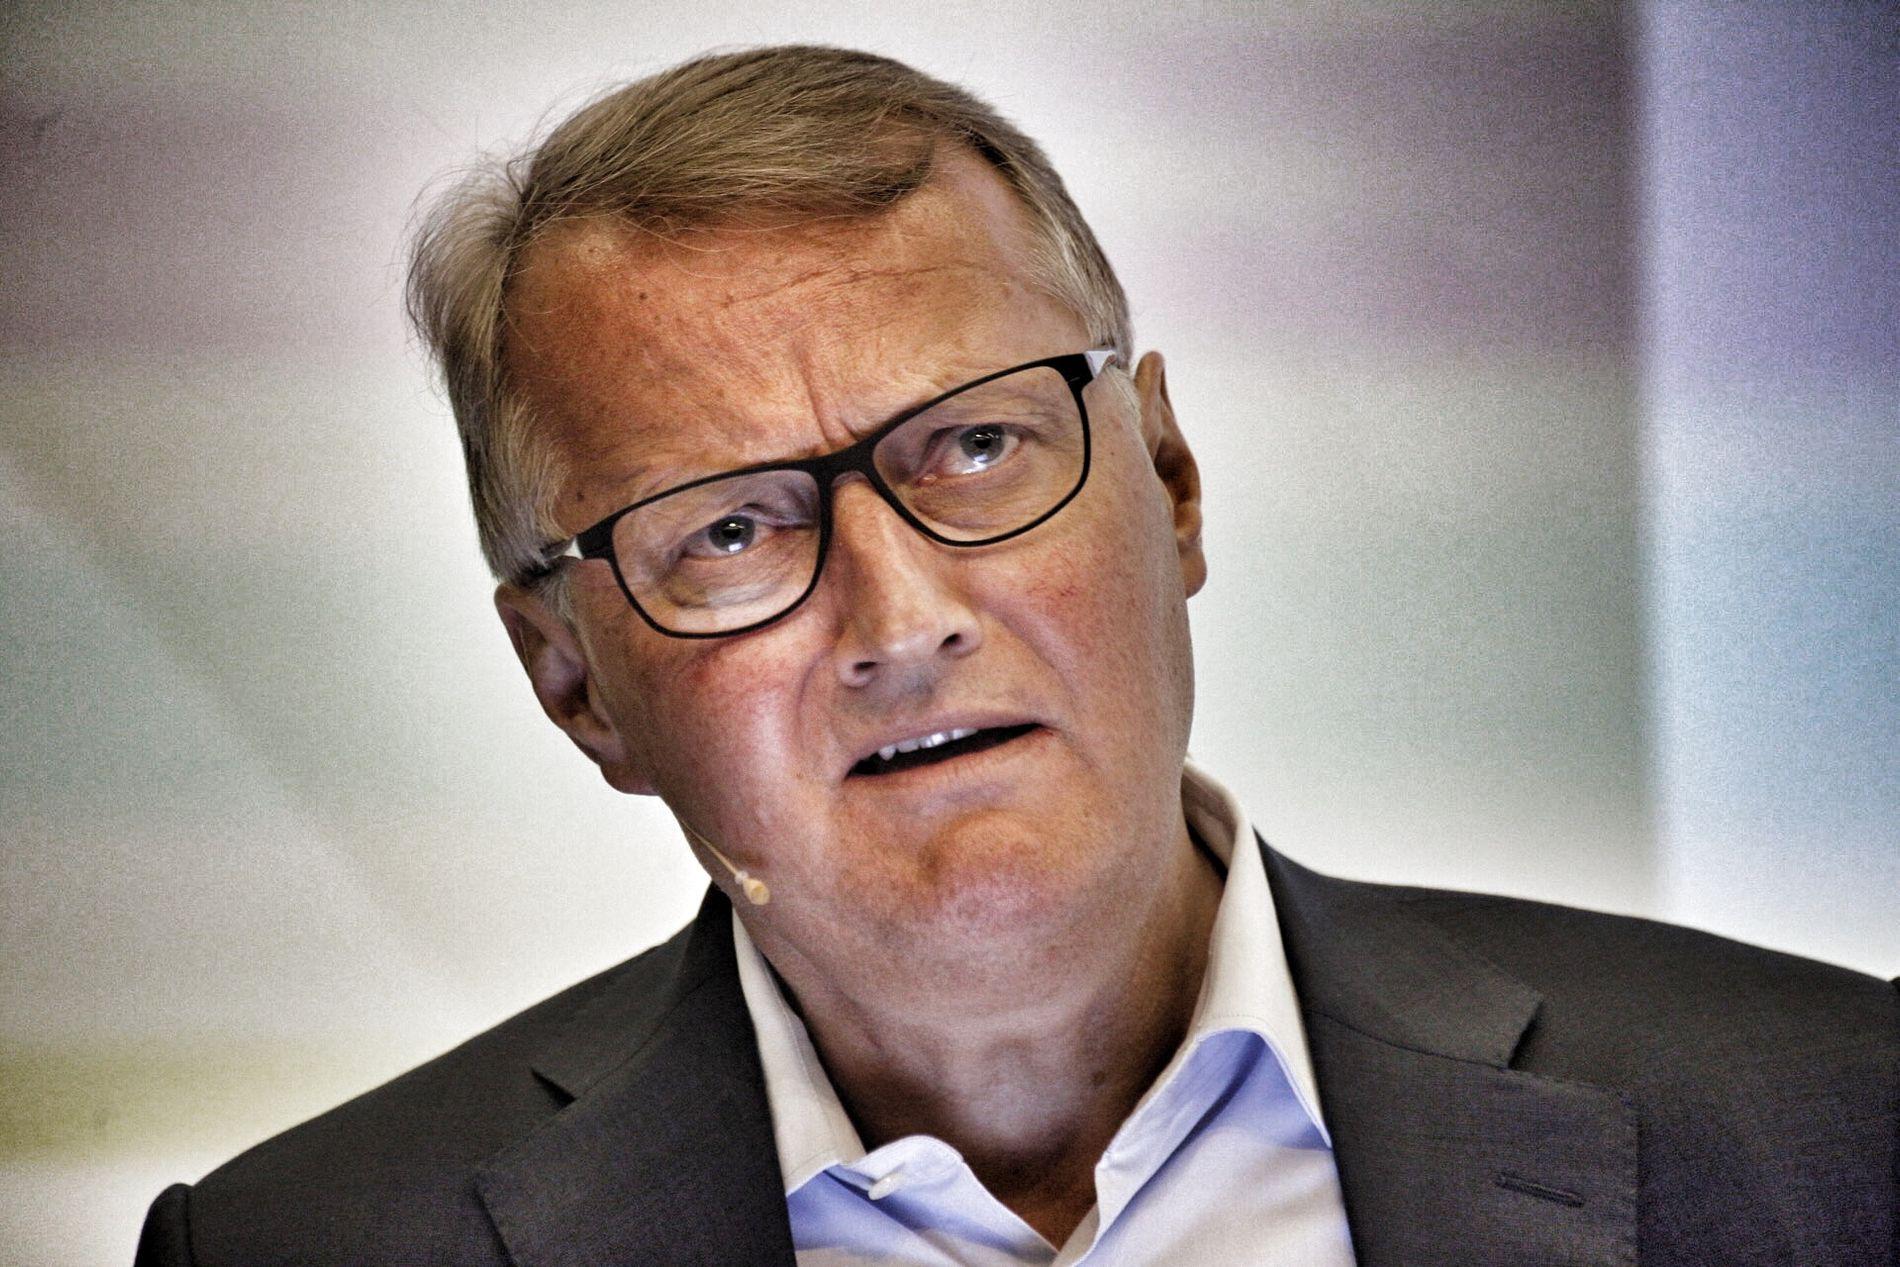 VISSTE IKKE: DNB-sjef Rune Bjerke har hele tiden sagt at han ikke har visst til de kritiske forholdene knyttet til skatteparadisene som deres kontor i Luxemburg fikk etablert. Det bekrefter rapporten som kom i dag.